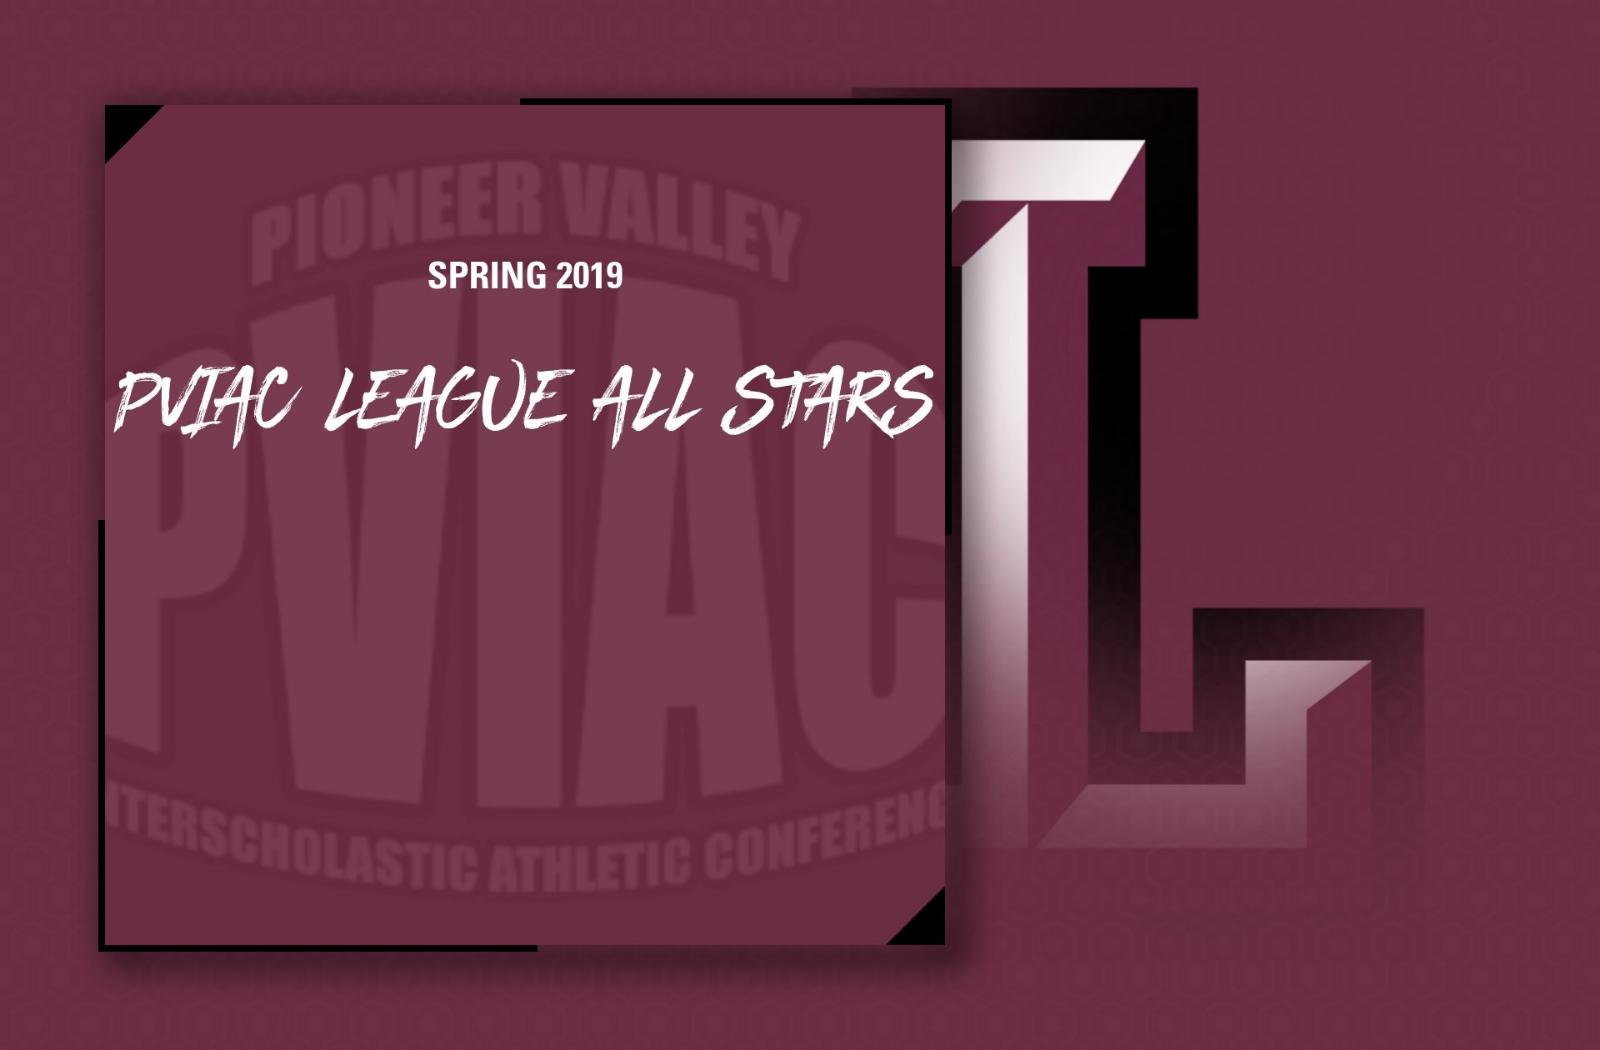 Spring PVIAC All League